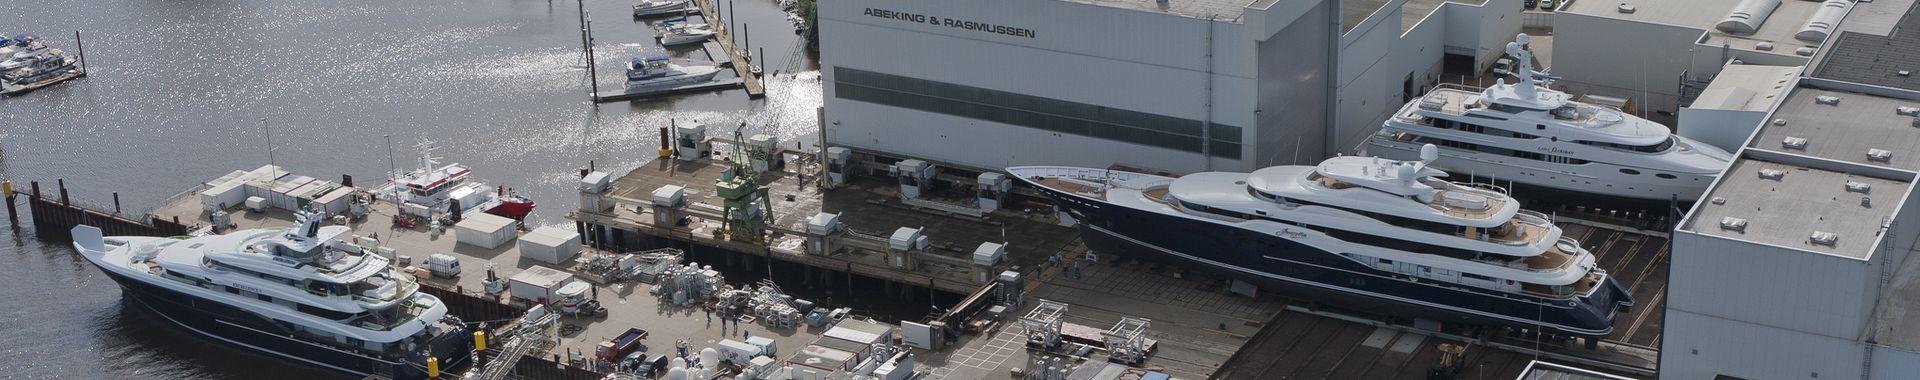 Werft Abeking & Rasmussen